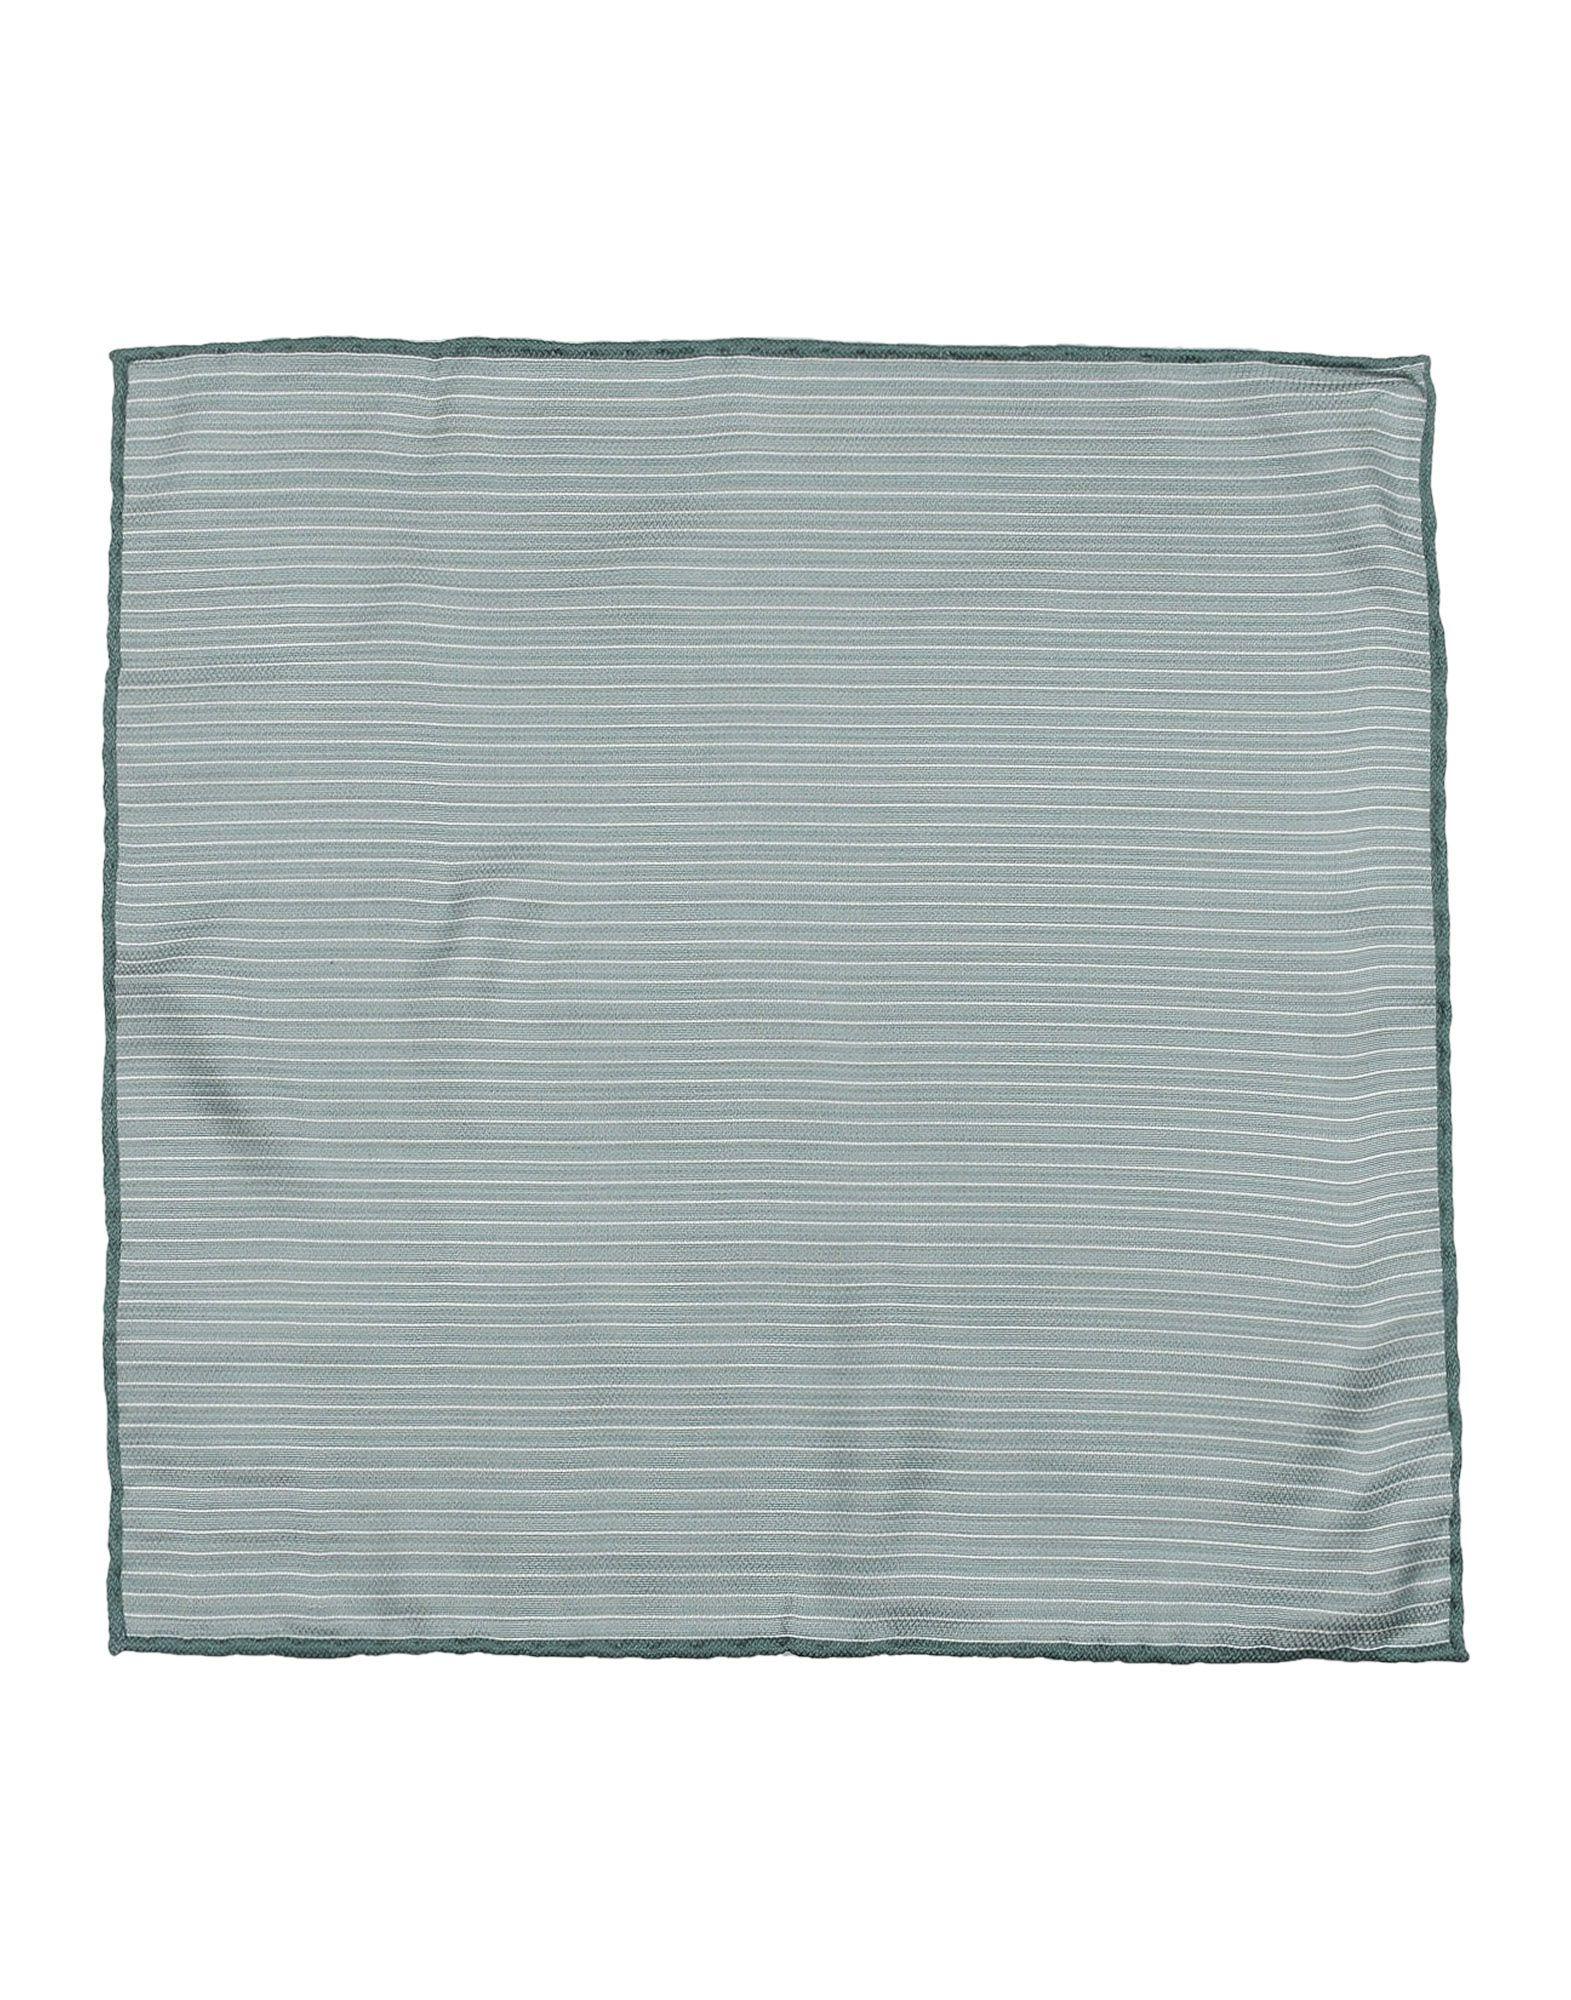 BRUNELLO CUCINELLI Платок платок в полоску флуоресцентный